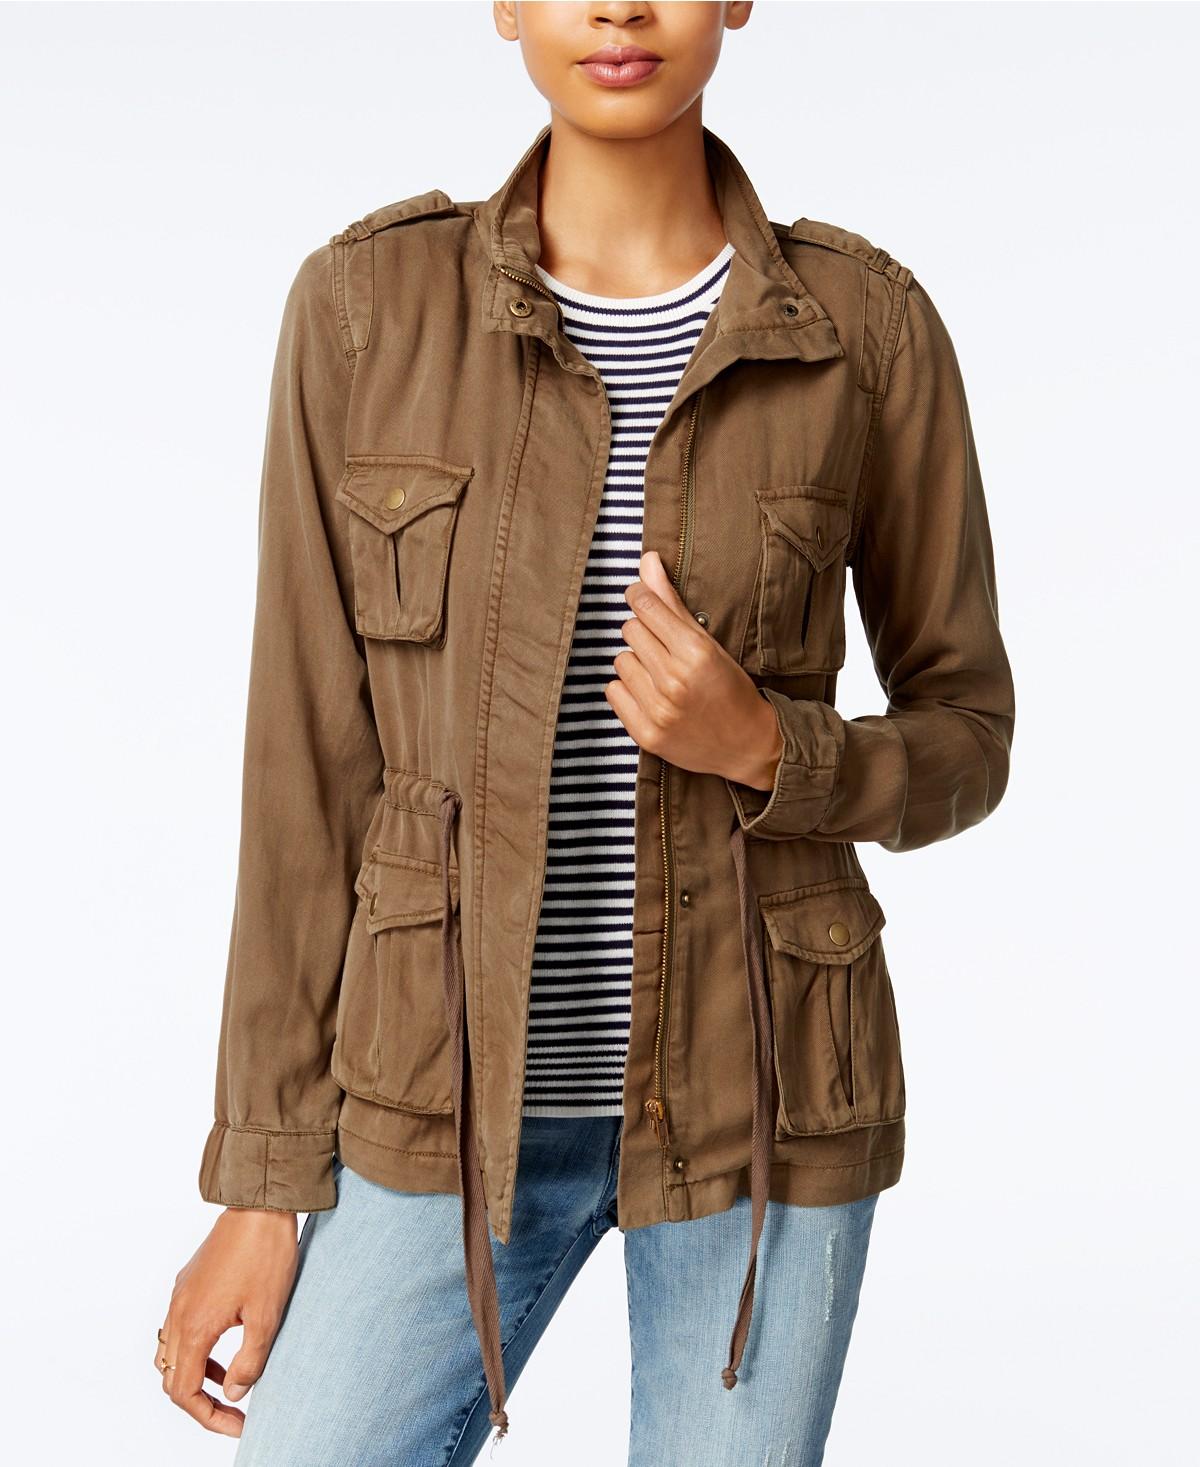 Maison Jules Cargo Jacket,